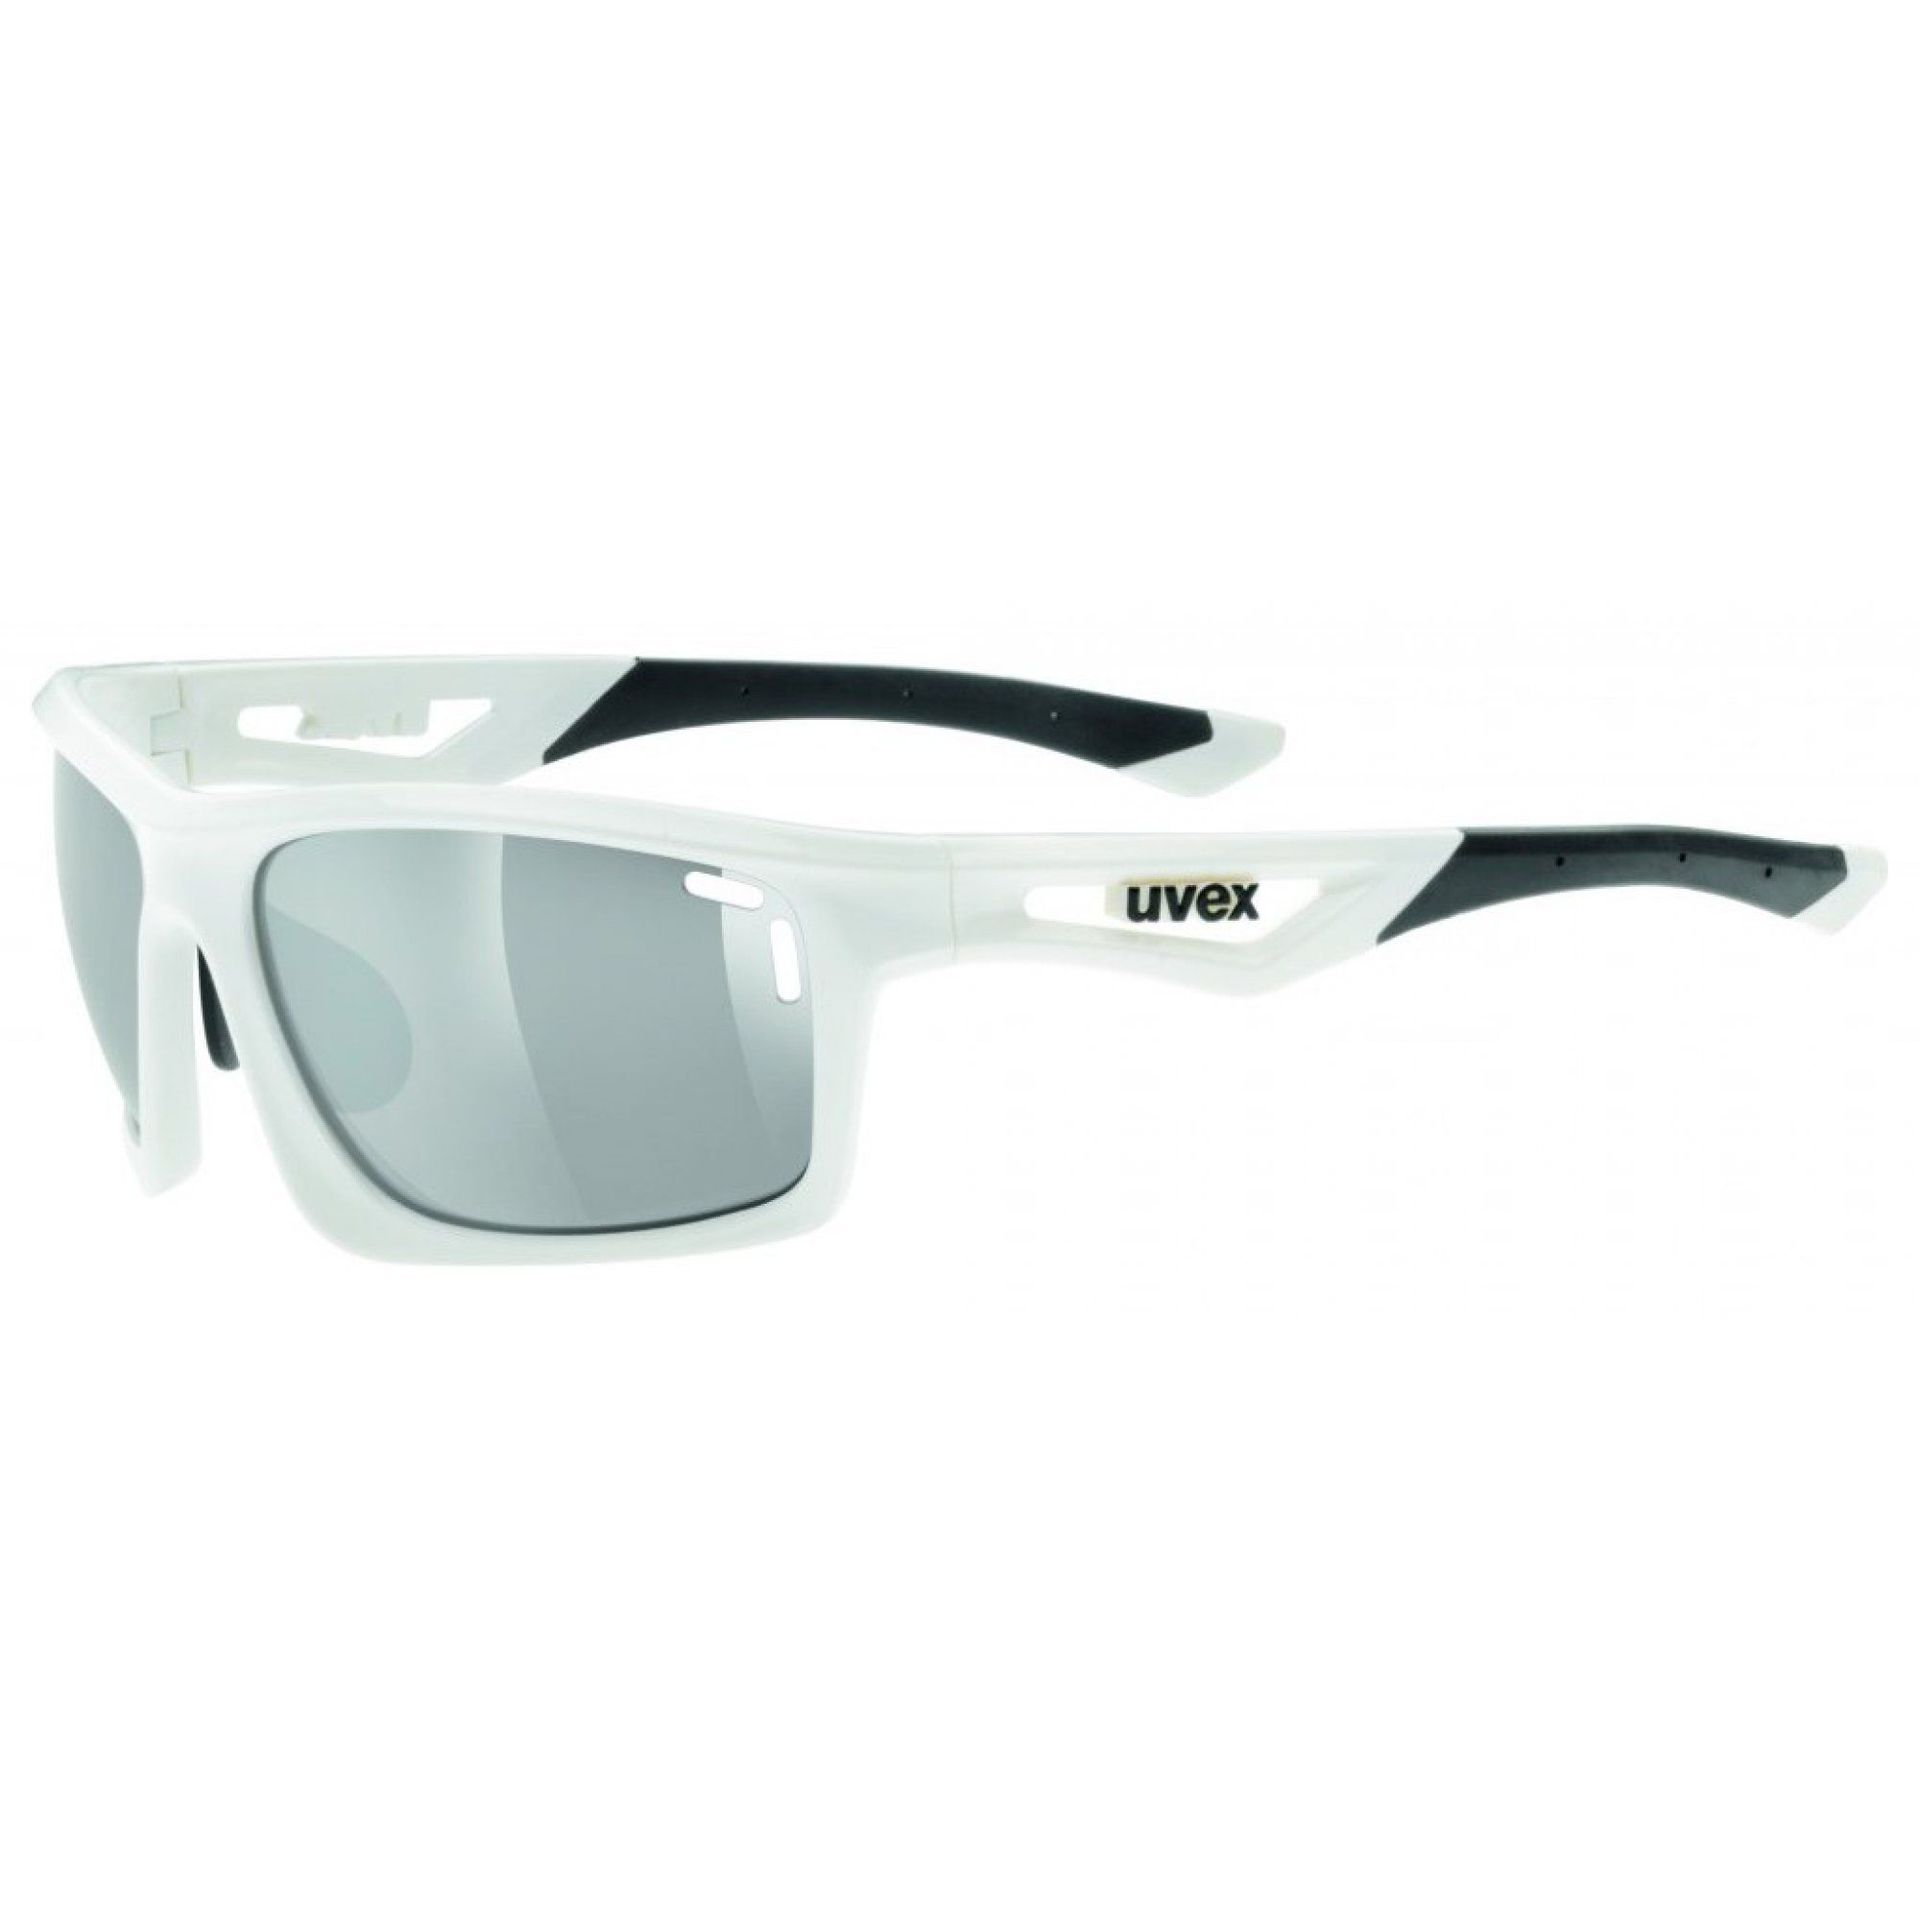 OKULARY UVEX SPORTSTYLE 700 WHITE